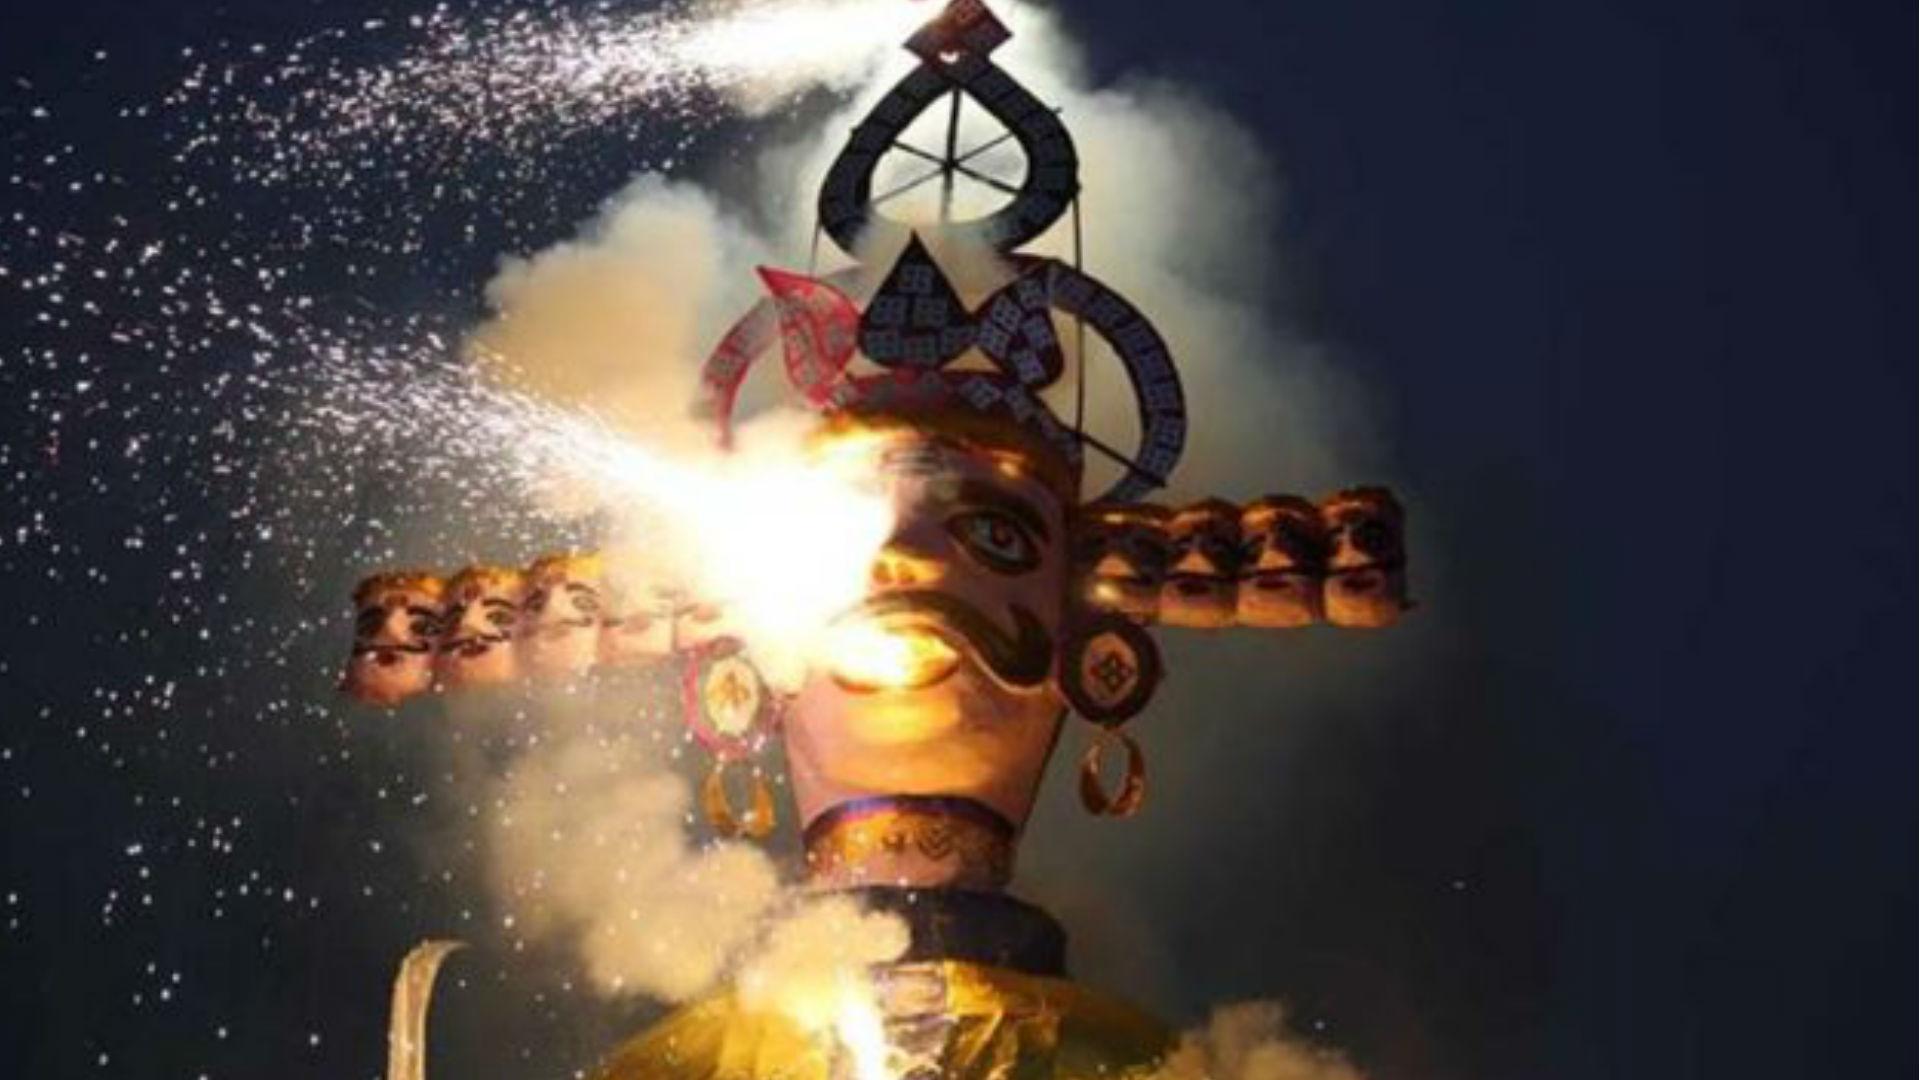 Dussehra 2019 Date: आज है विजयदशमी का पर्व, जानिए पूजा का शुभ मुहूर्त-महत्व, इसलिए खाई जाती है दशहरा पर जलेबी